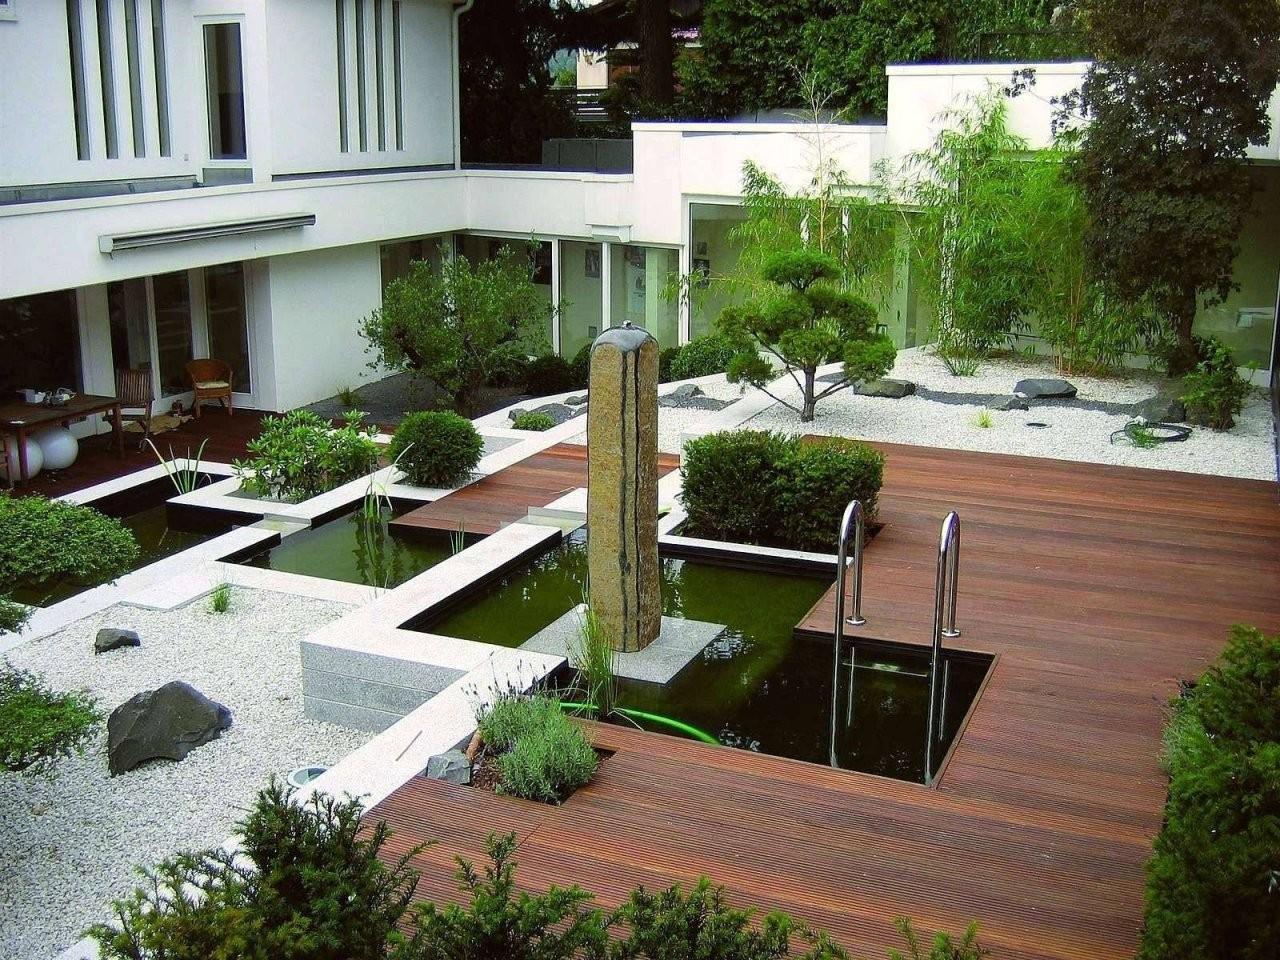 39 Sitzplatz Im Garten Designideen   Gartenideen von Sitzplatz Im Garten Gestalten Bild